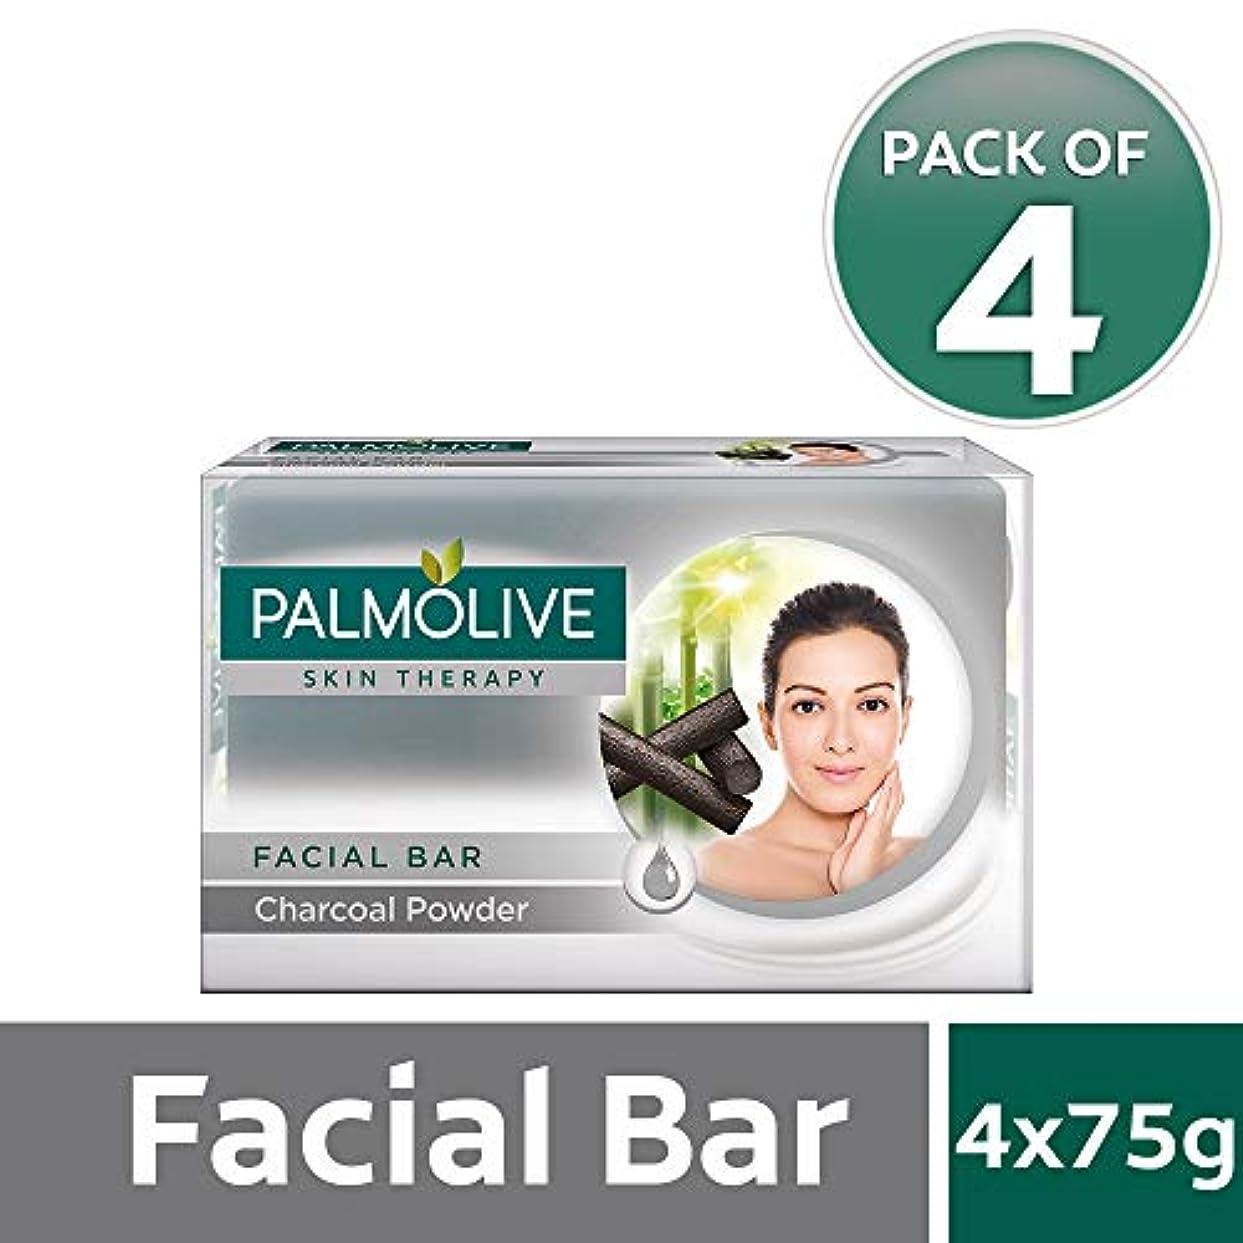 乱れ変位期間Palmolive Skin Therapy Facial Bar Soap with Charcoal Powder - 75g (Pack of 4)